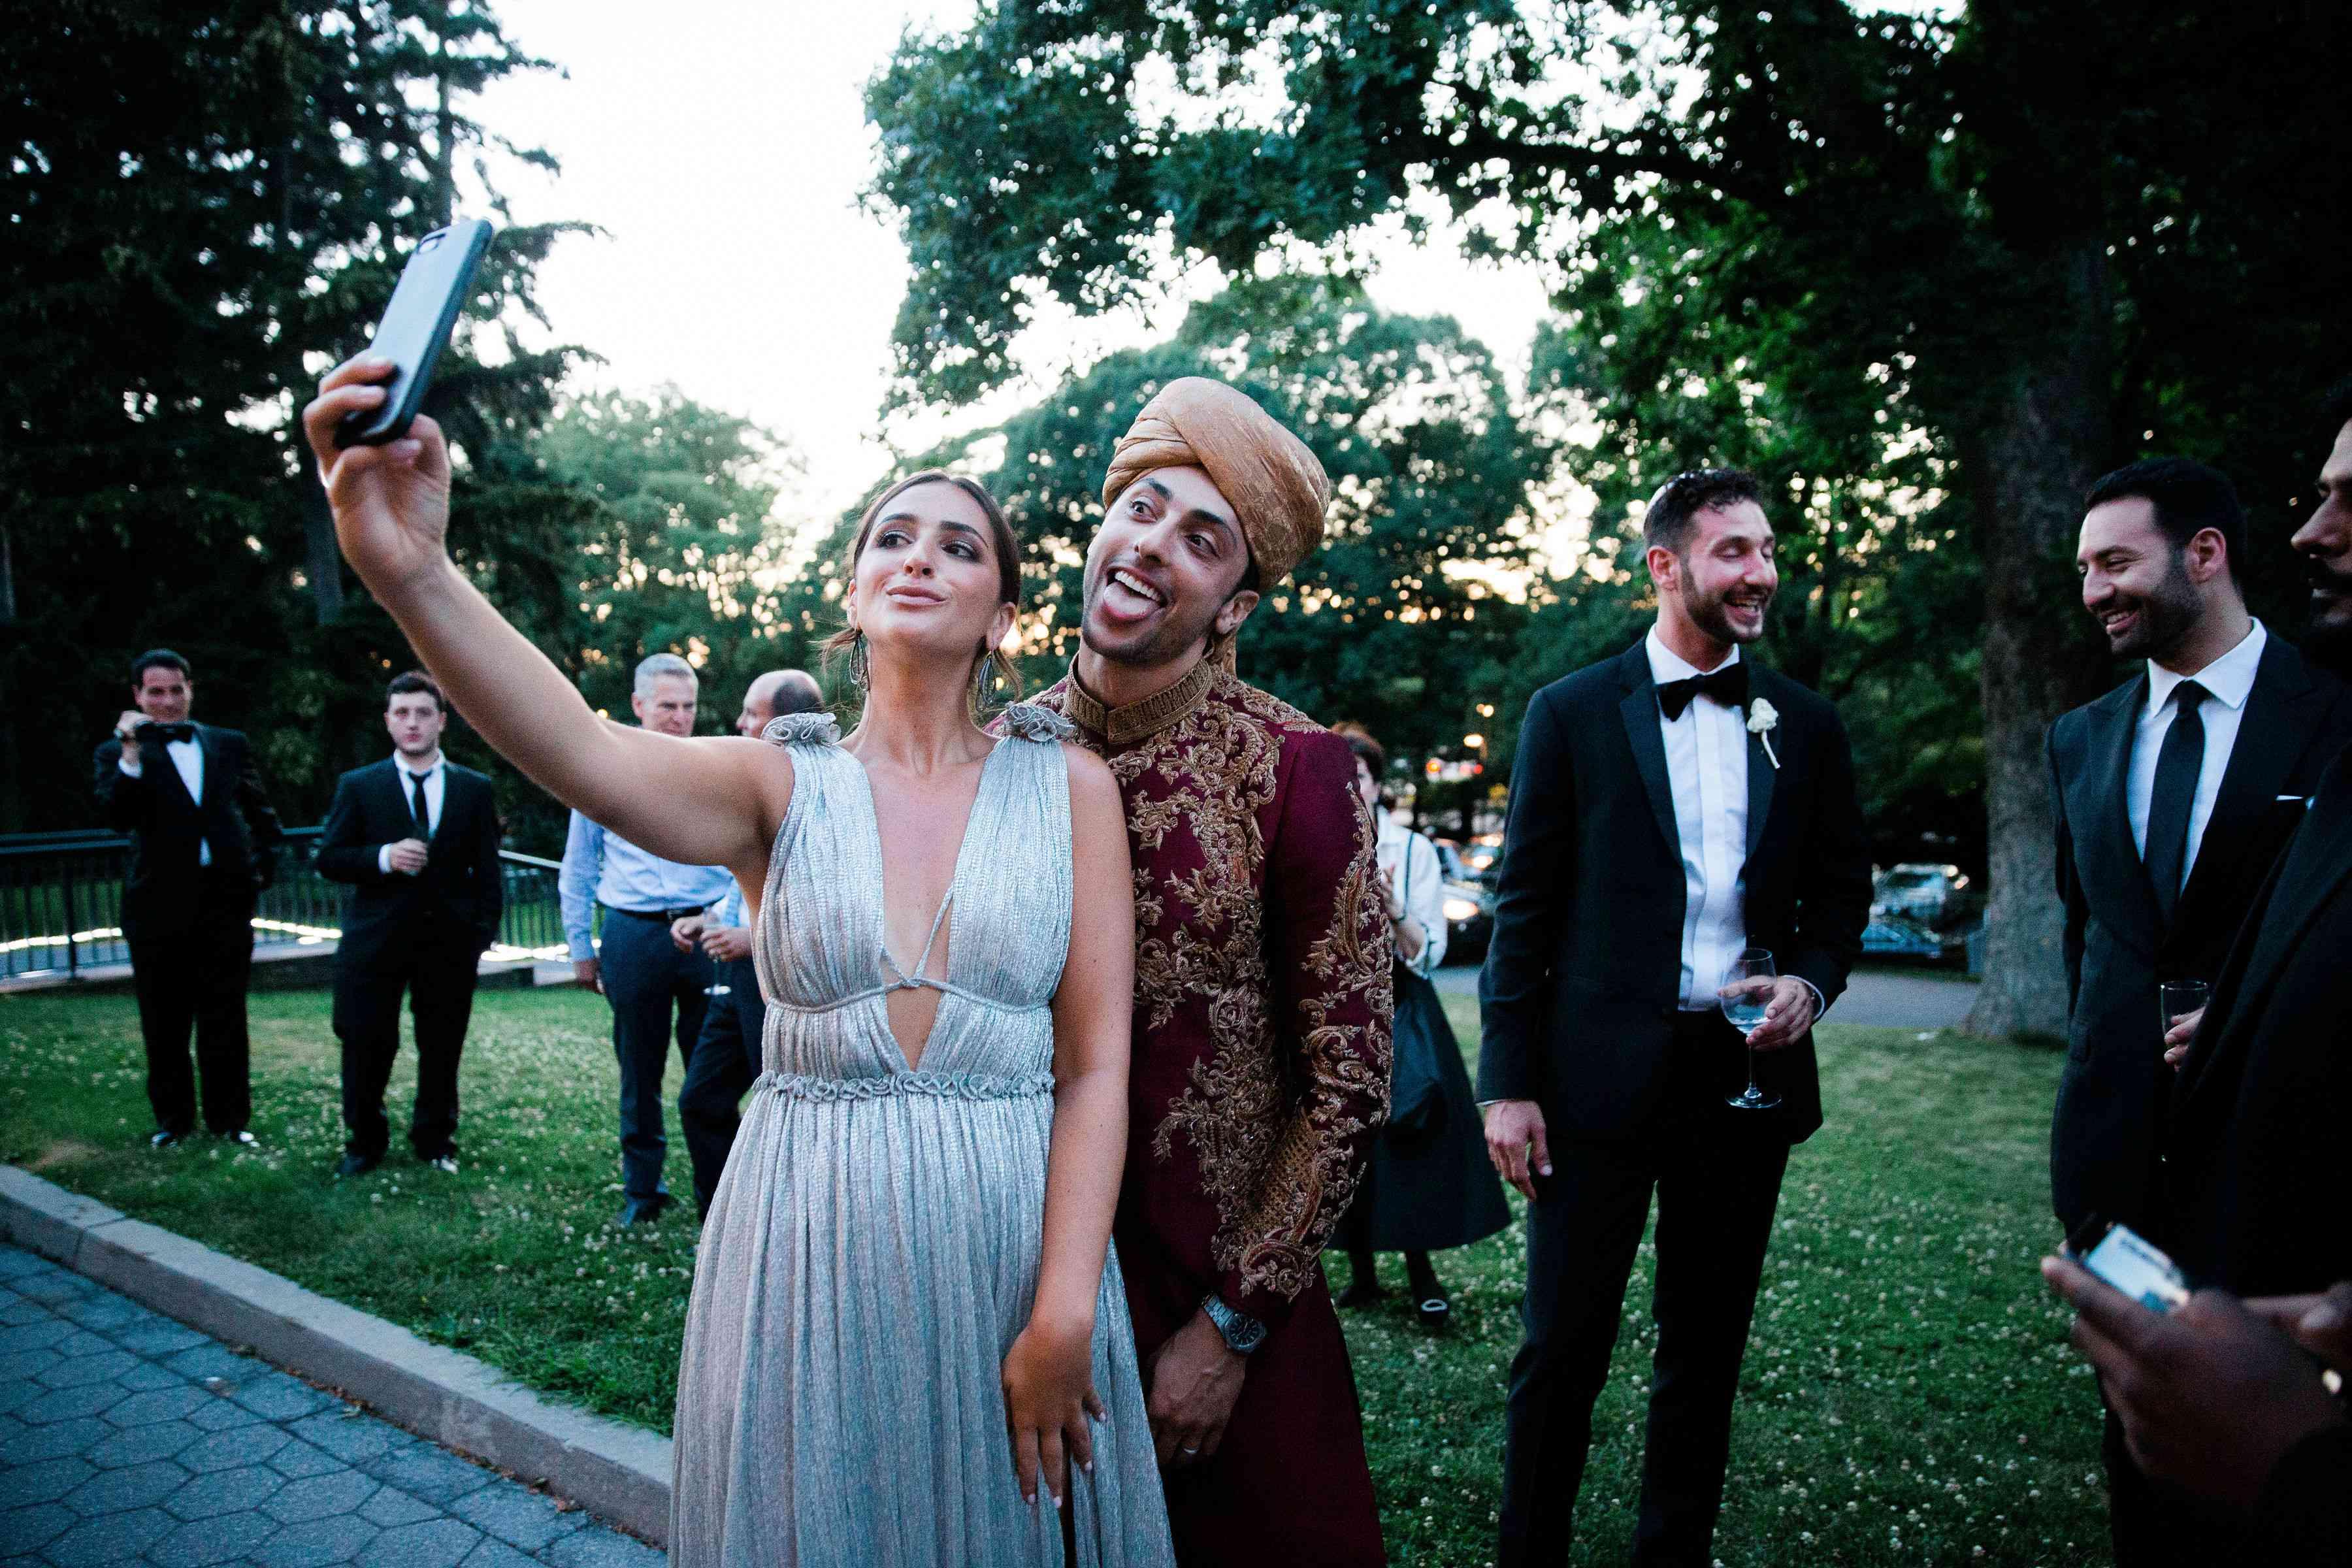 Groom and bridesmaid taking selfie